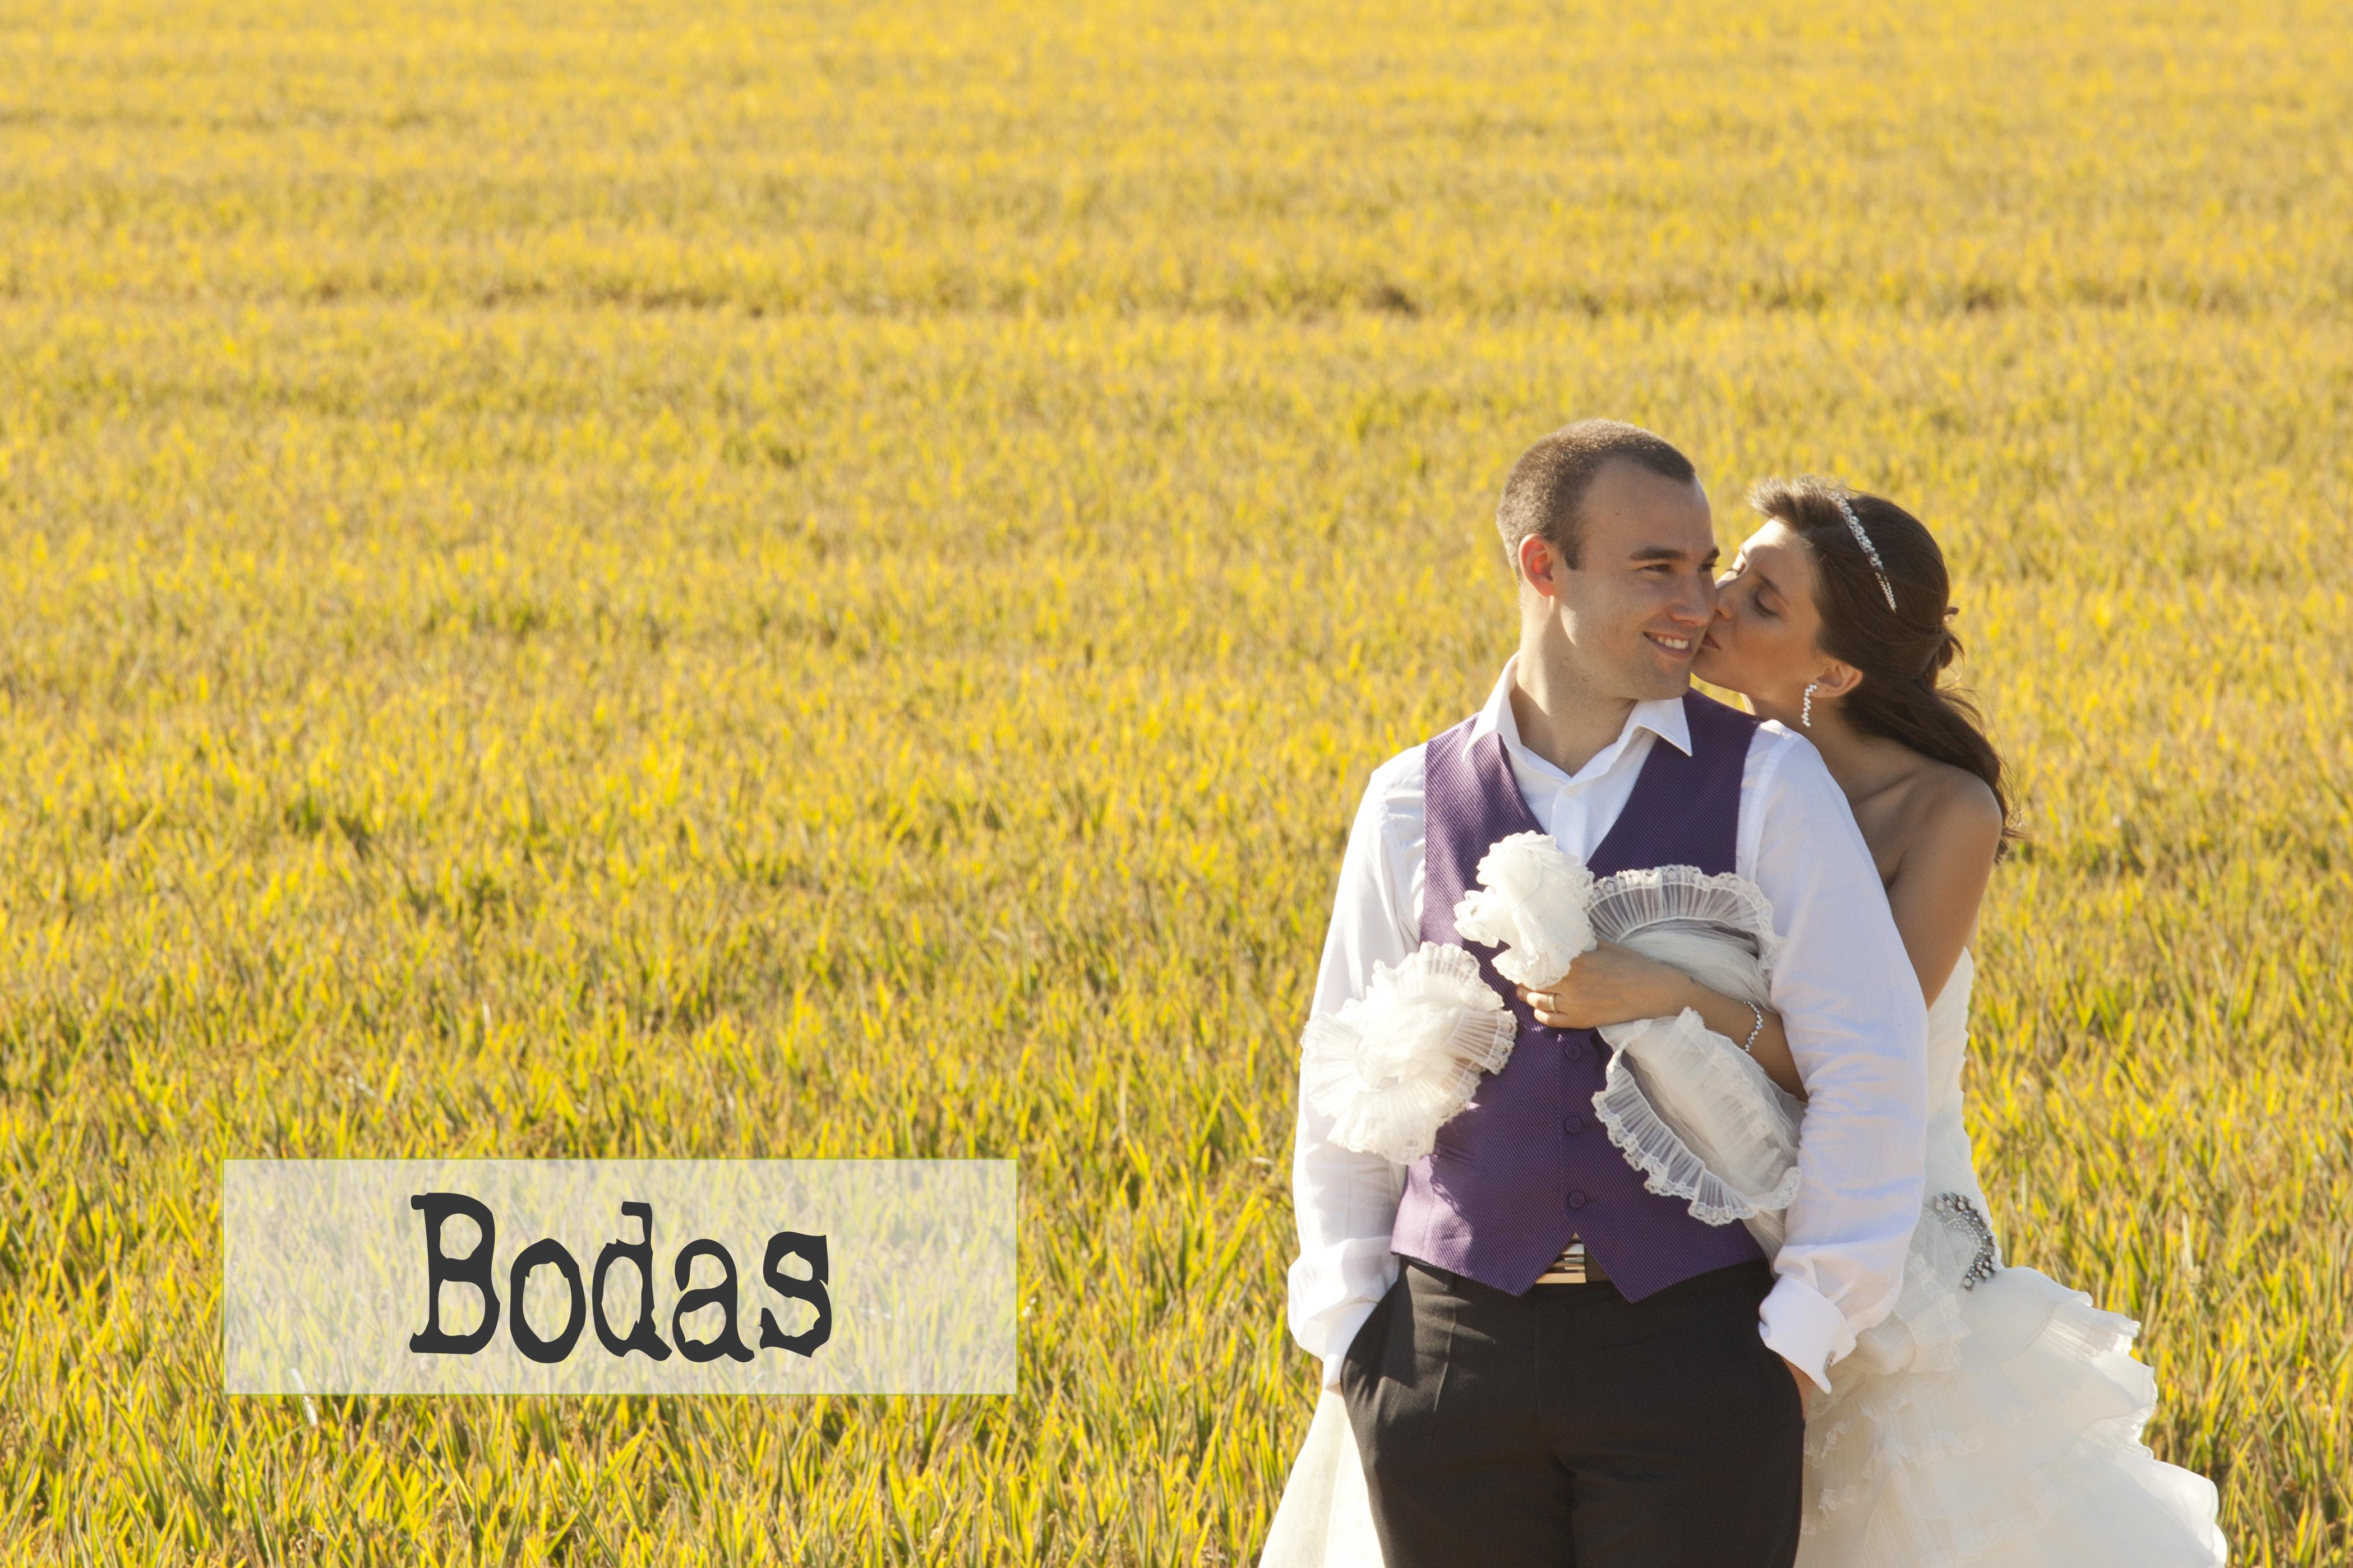 bdsfotografos-bodas